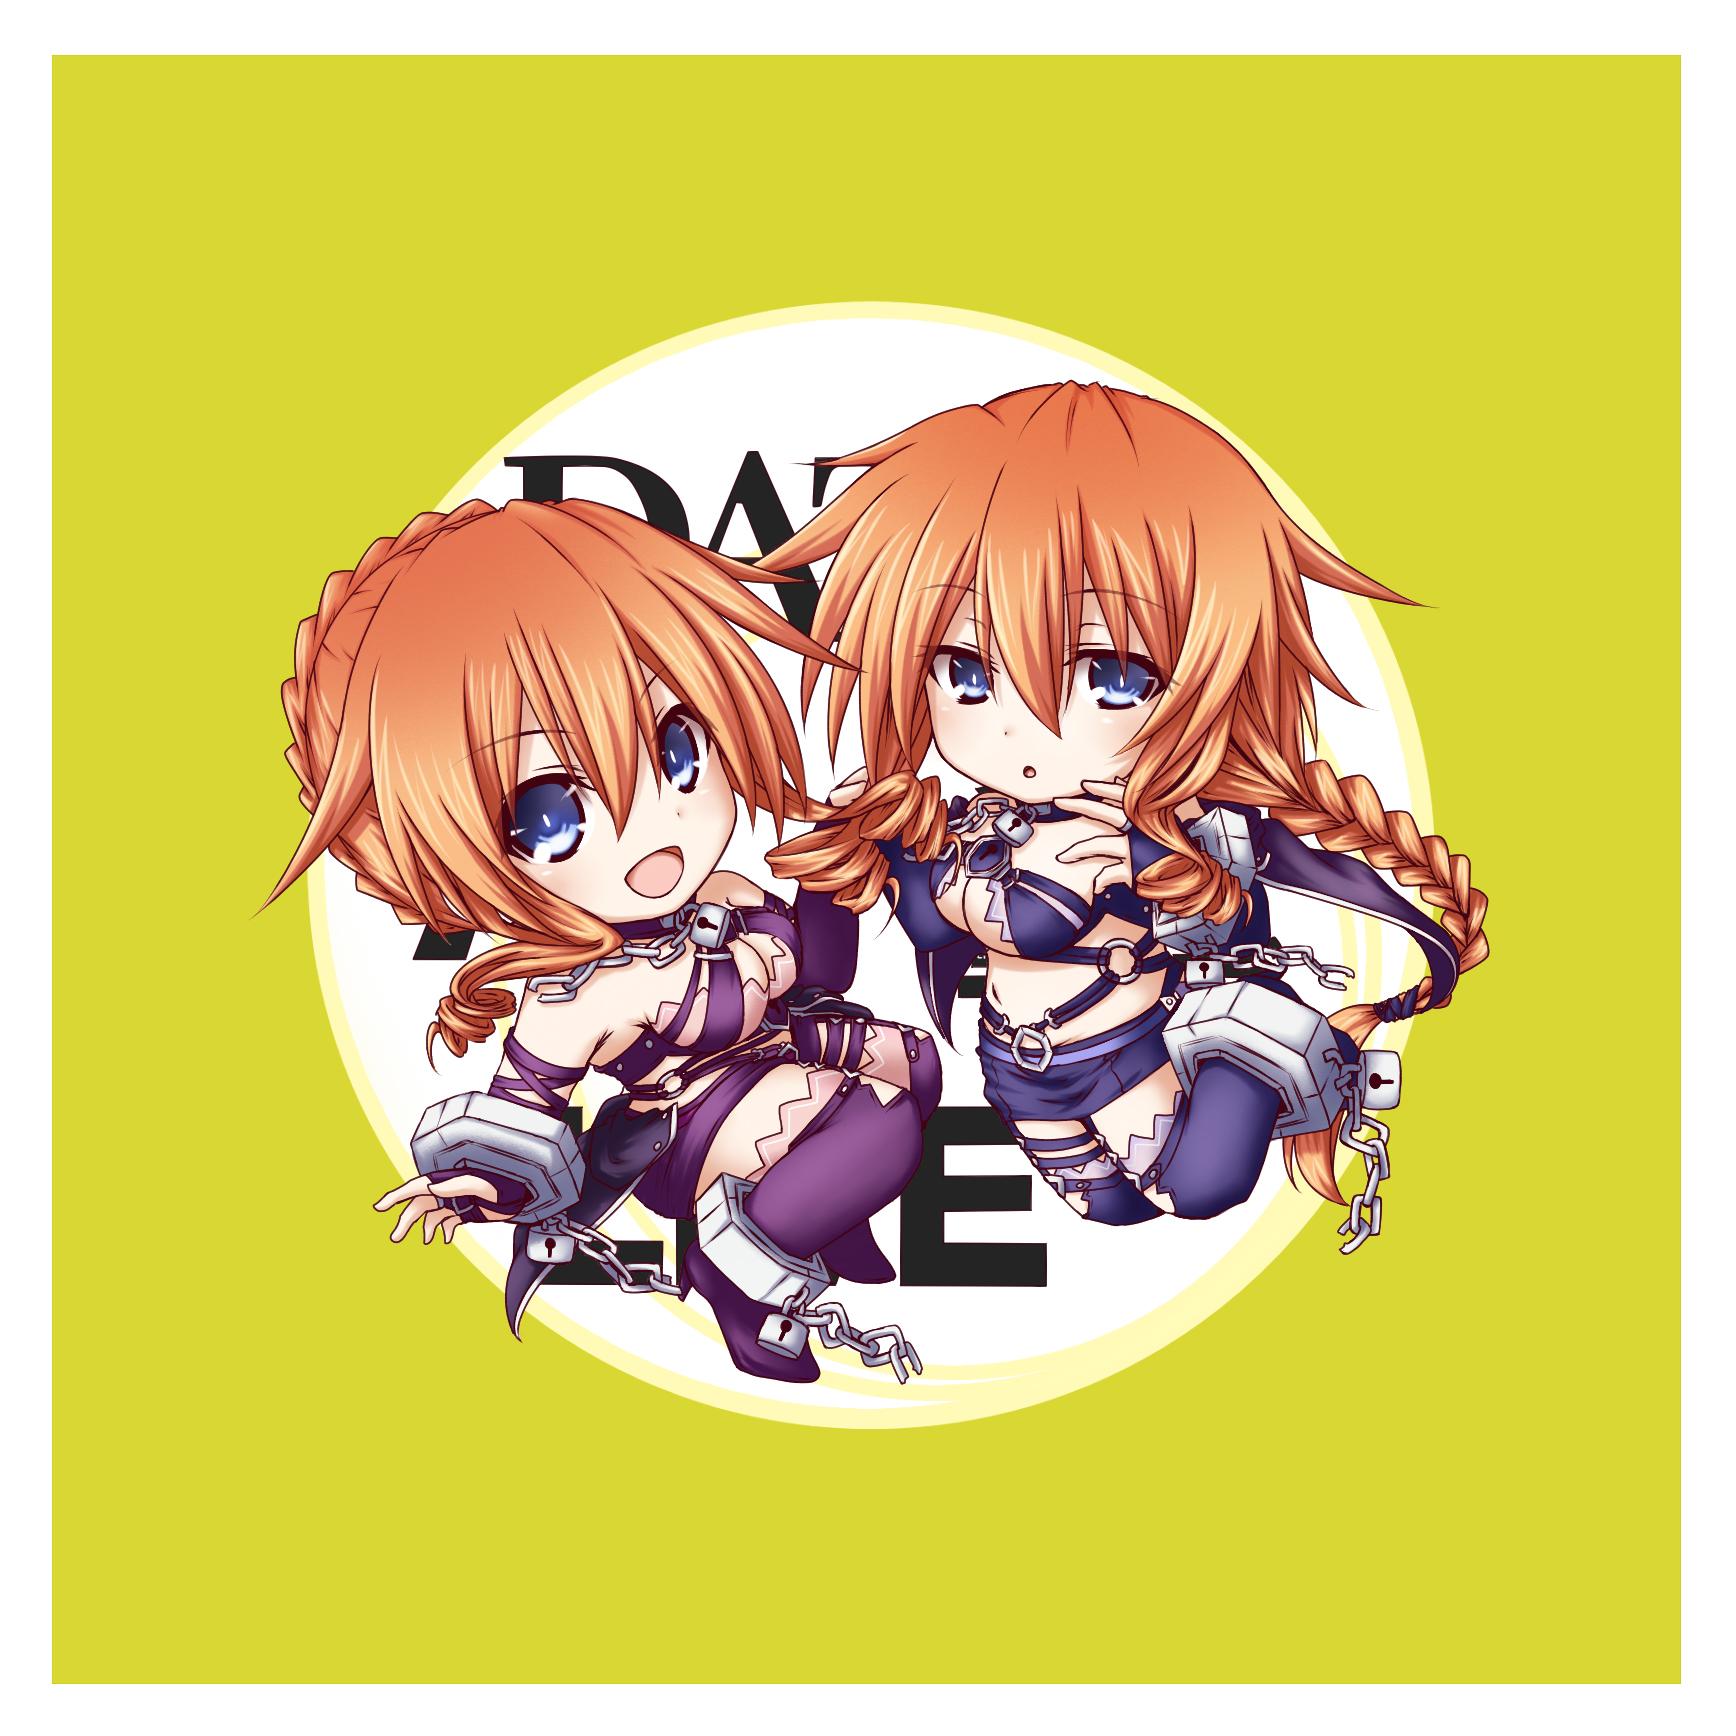 anime_wallpaper_date_a_live_Yamai_Kaguya_Yamai_Yuzuru-99944.jpeg